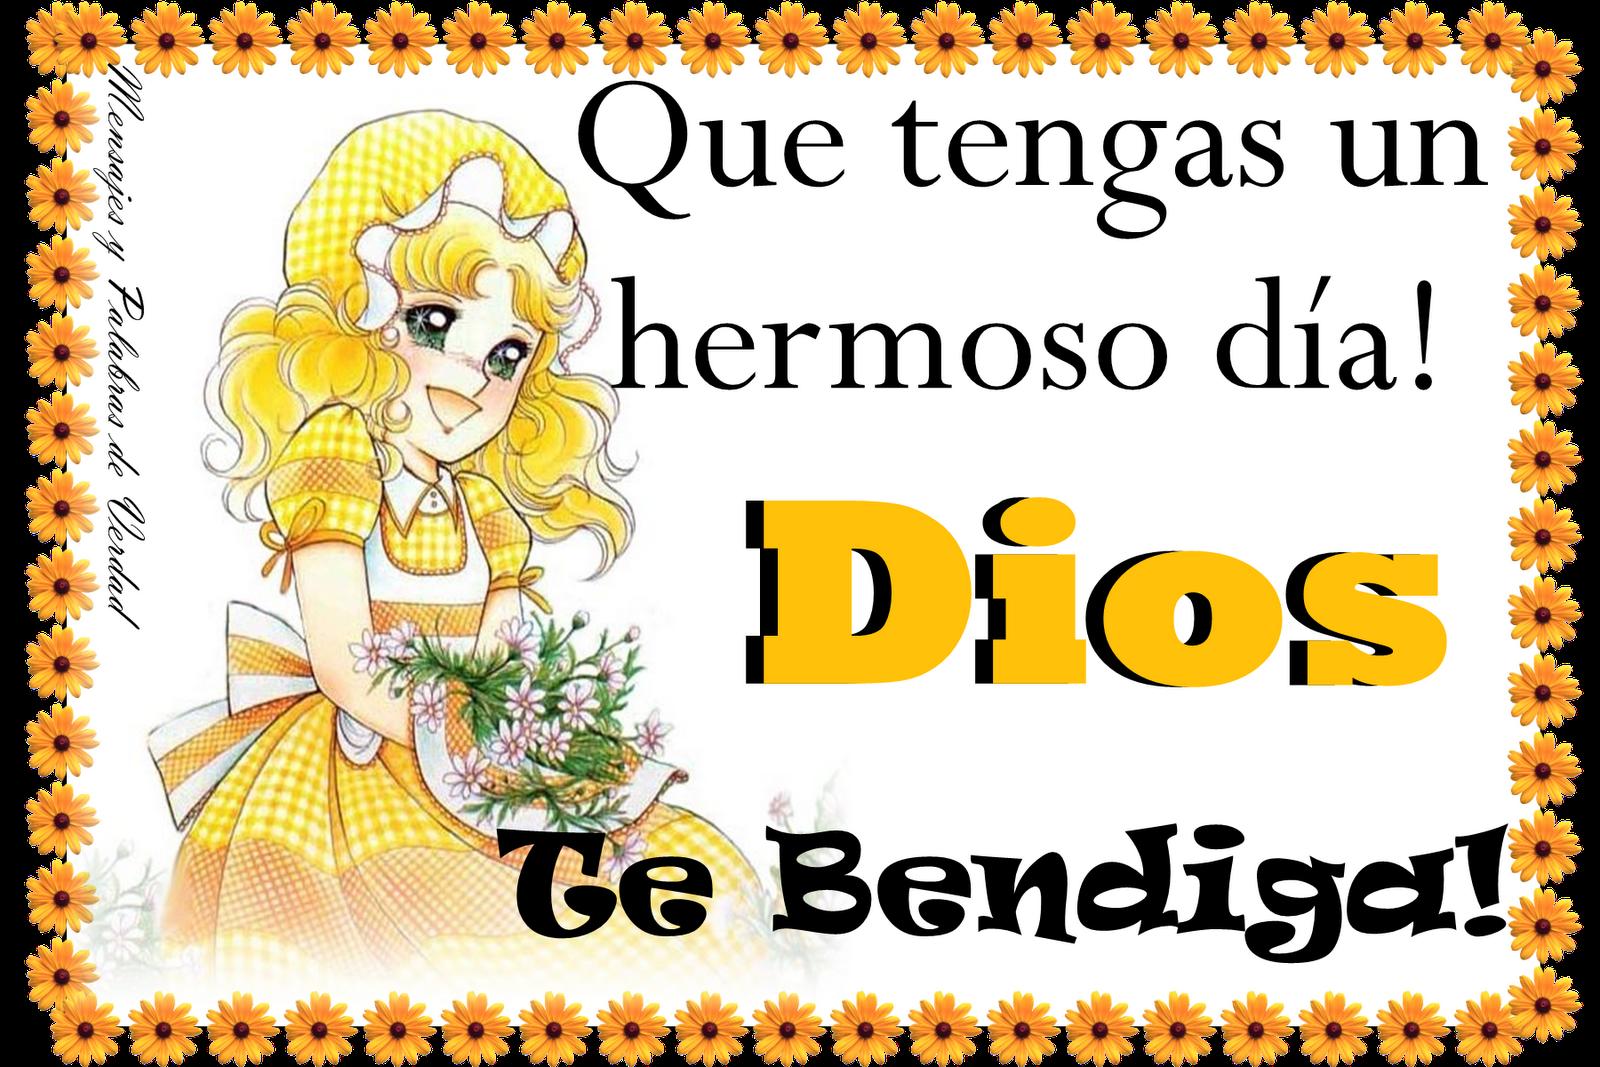 Imagenes-buenos-dias-dios-te-bendiga